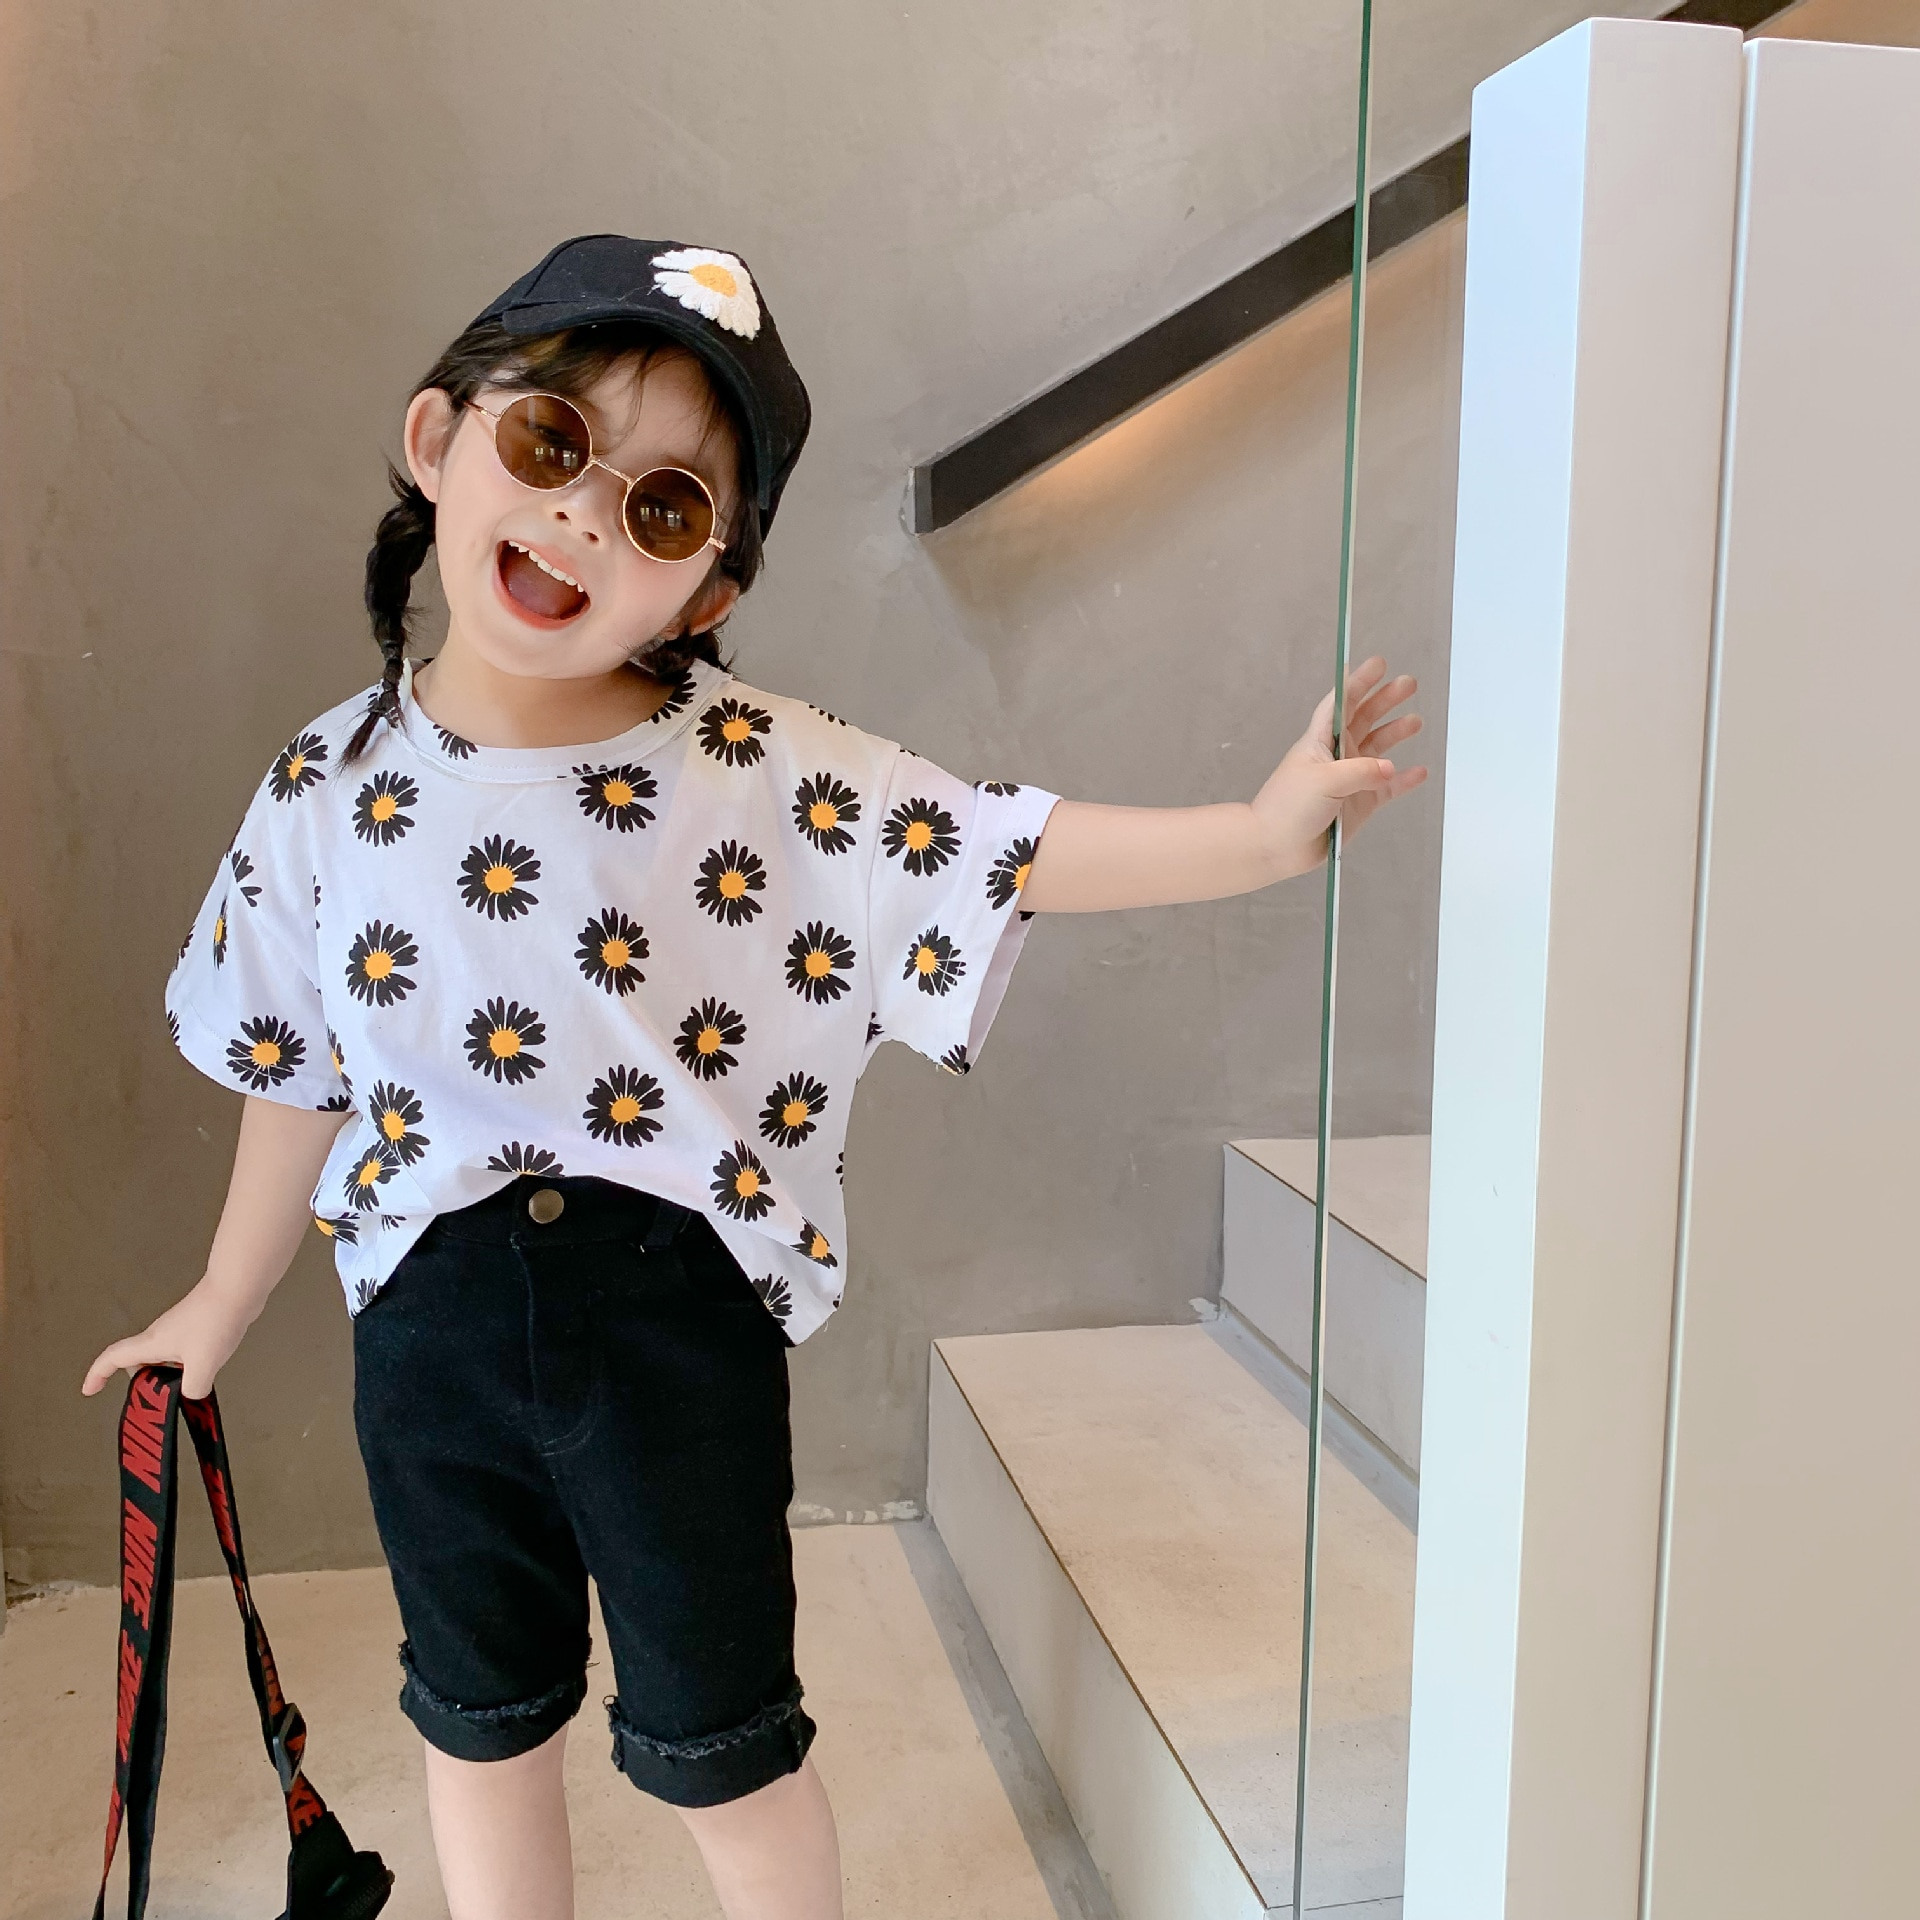 NOVEDAD DE VERANO llegada estilo coreano de algodón-Encuentro de flores impreso manga corta Camiseta suelta moda lindo bebé niñas